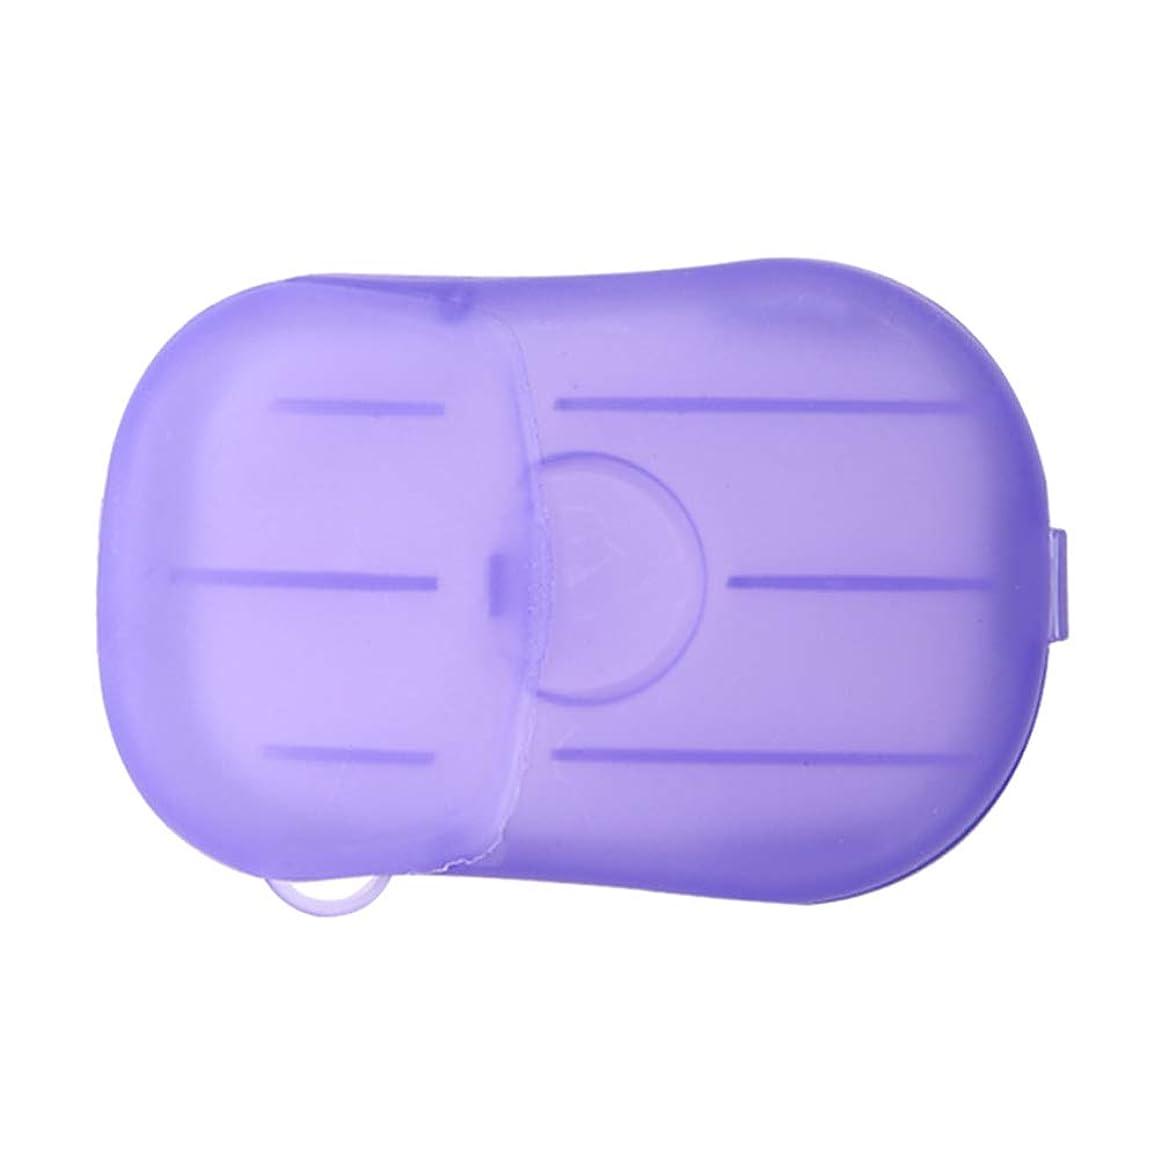 セットアップ尾クックLIOOBO 20ピース石鹸フレーク使い捨てクリーニングペーパーポータブルシャワー用品手洗い石鹸シーツ付きトラベルキャンプハイキング(パープル)